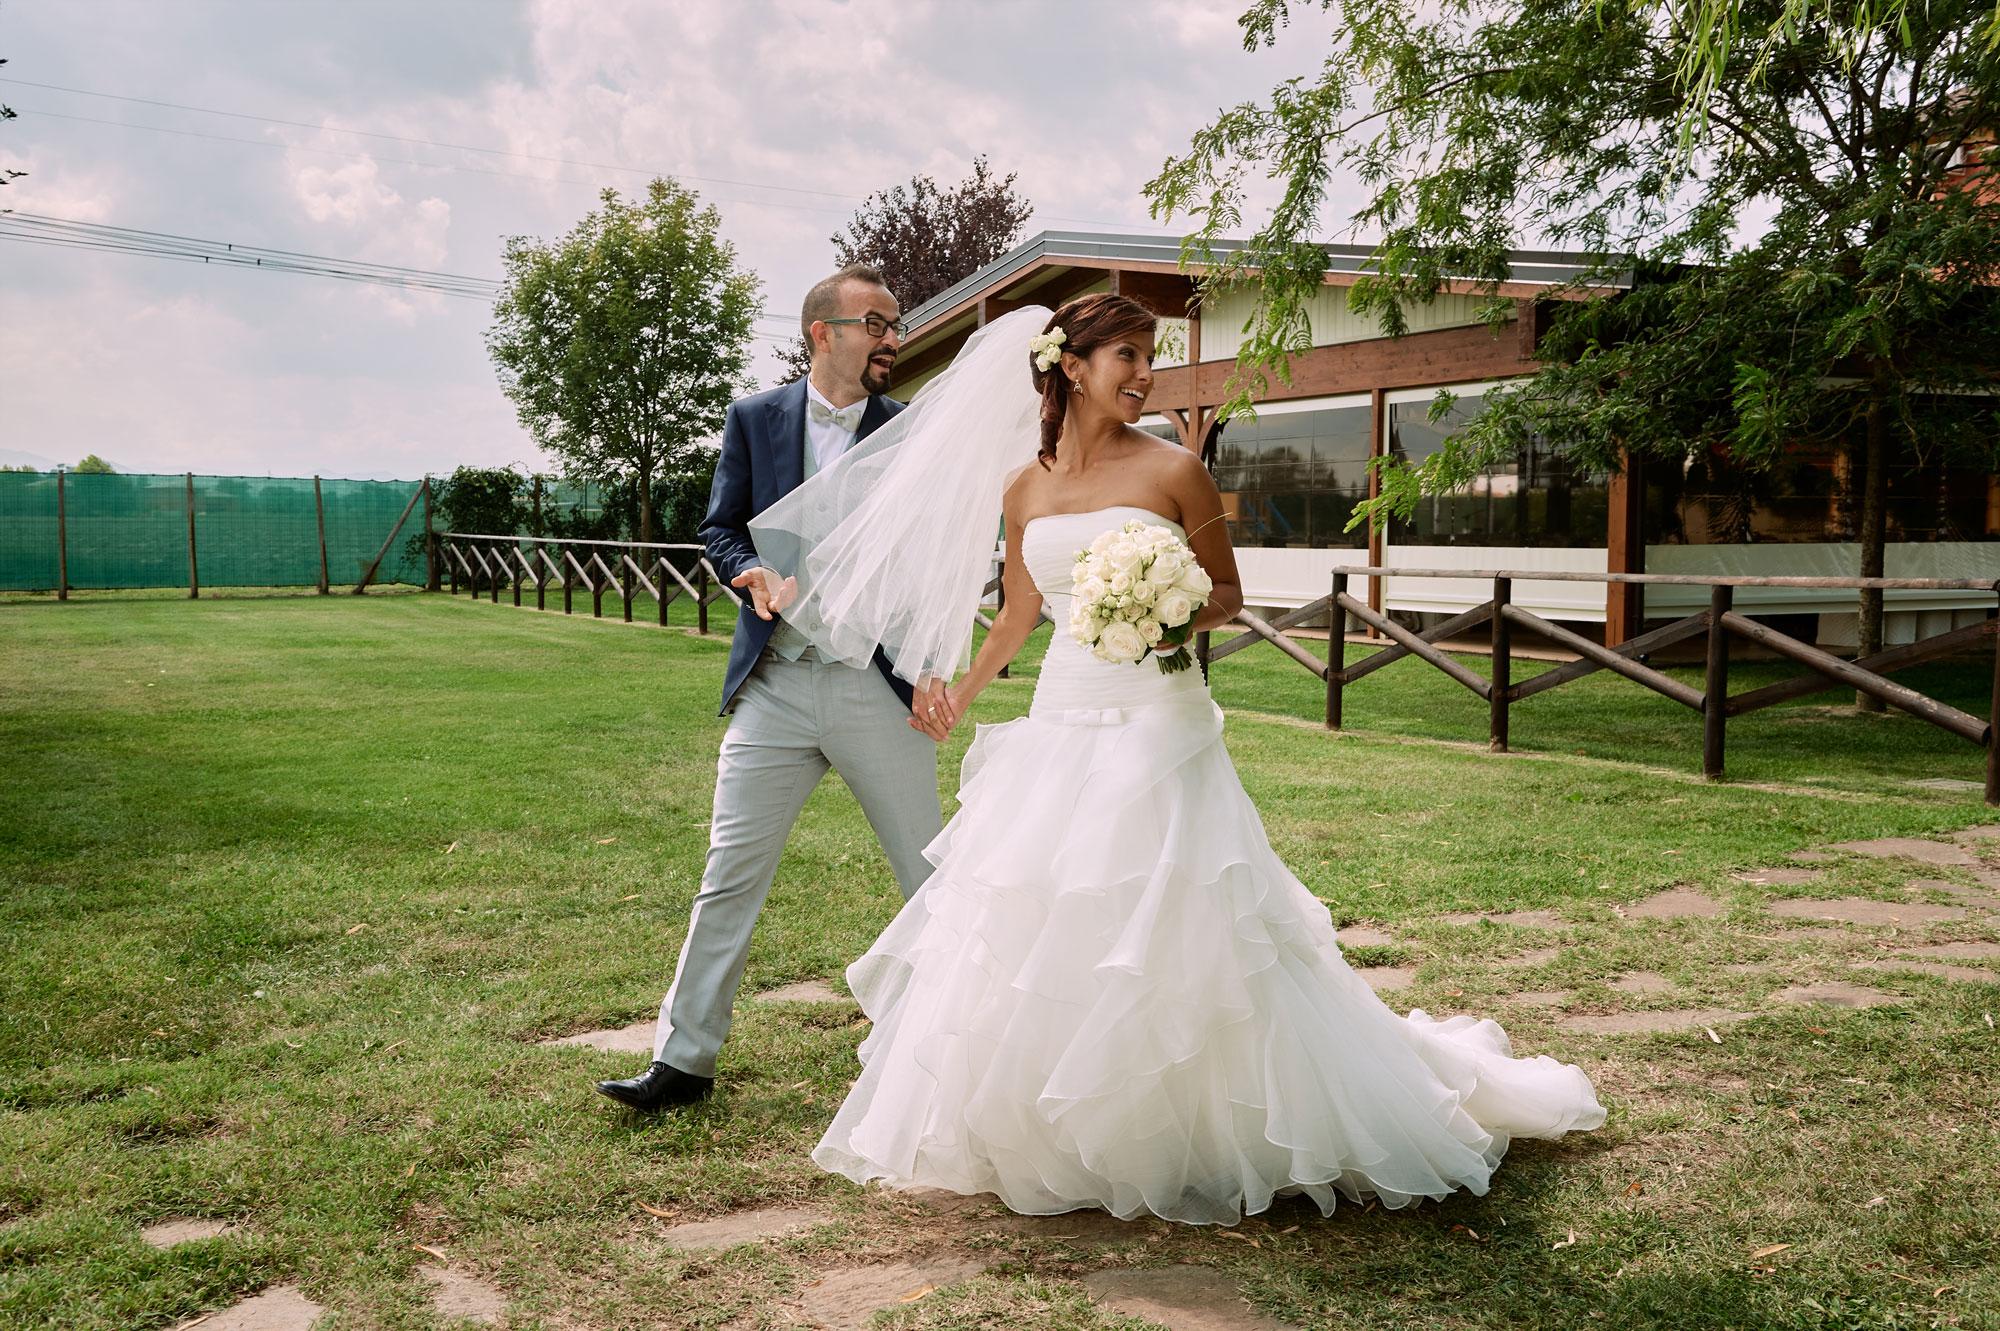 20-ivano_di_maria_fotografo_matrimonio_ erica_vito